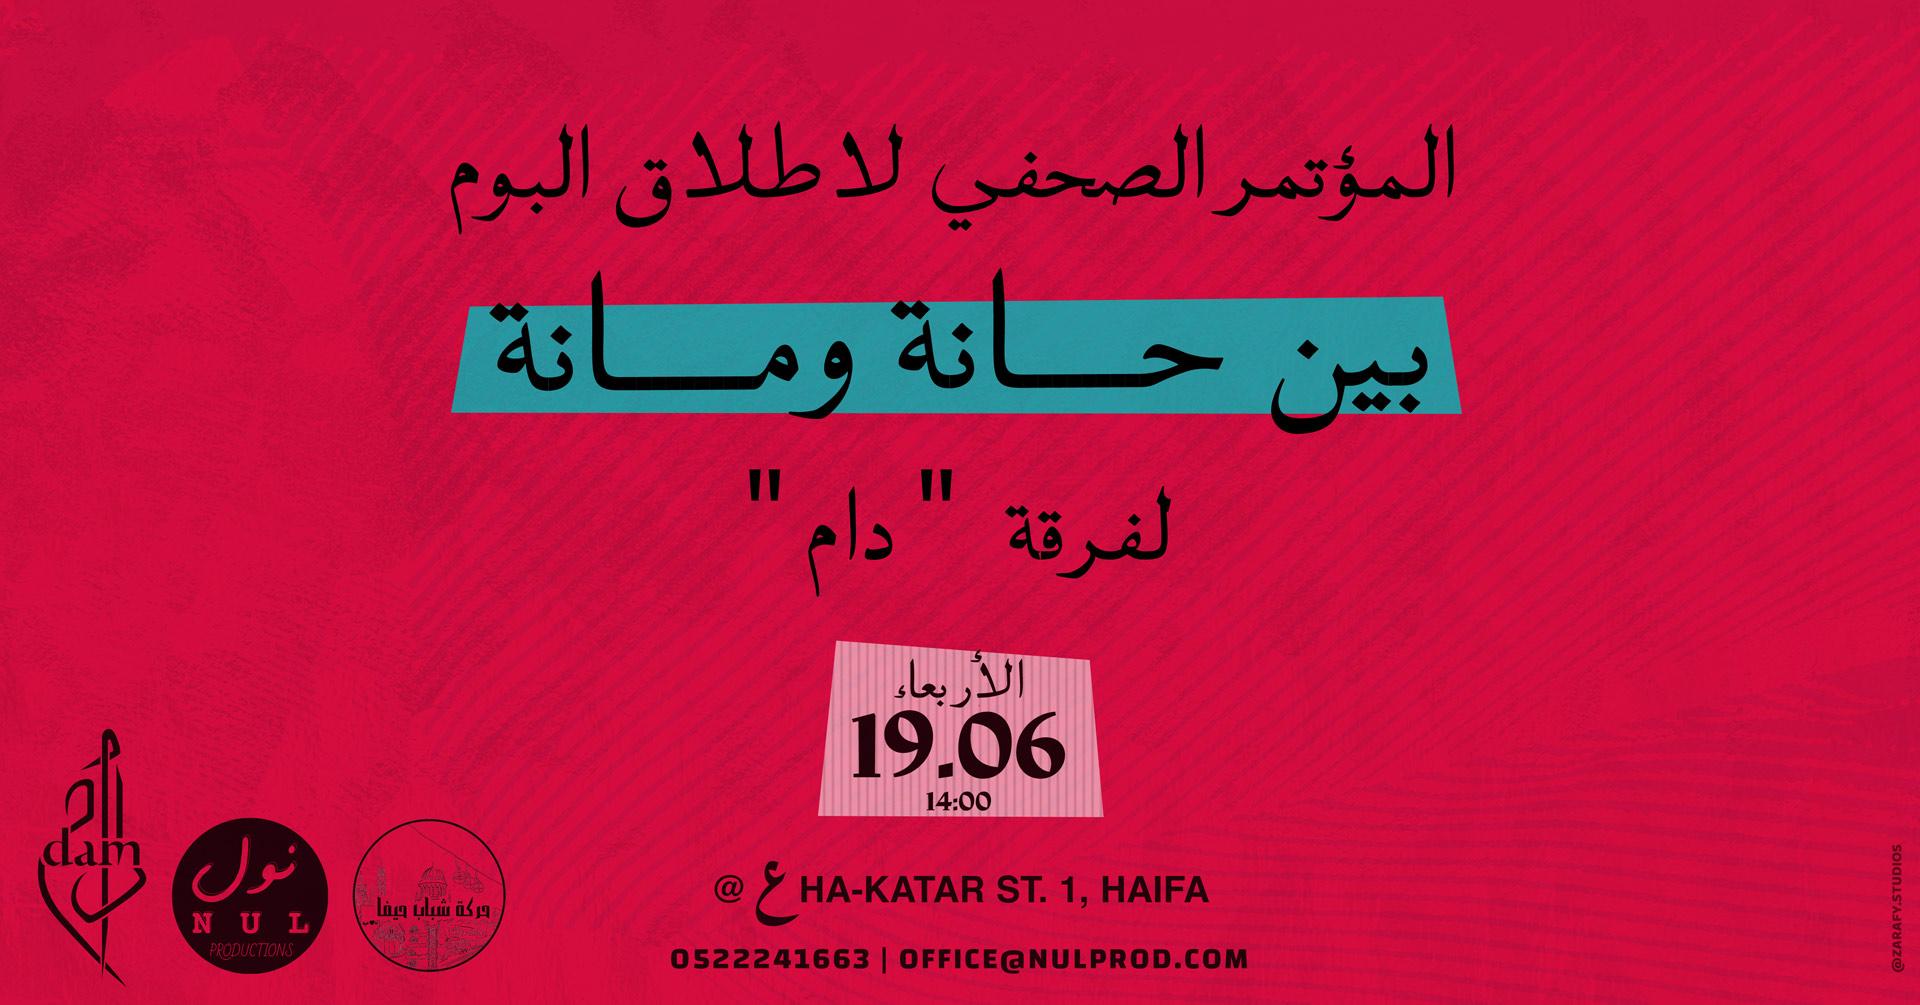 """مؤتمر صحفي لاطلاق البوم """"بين حانة ومانة"""" - DAM's Press conference"""